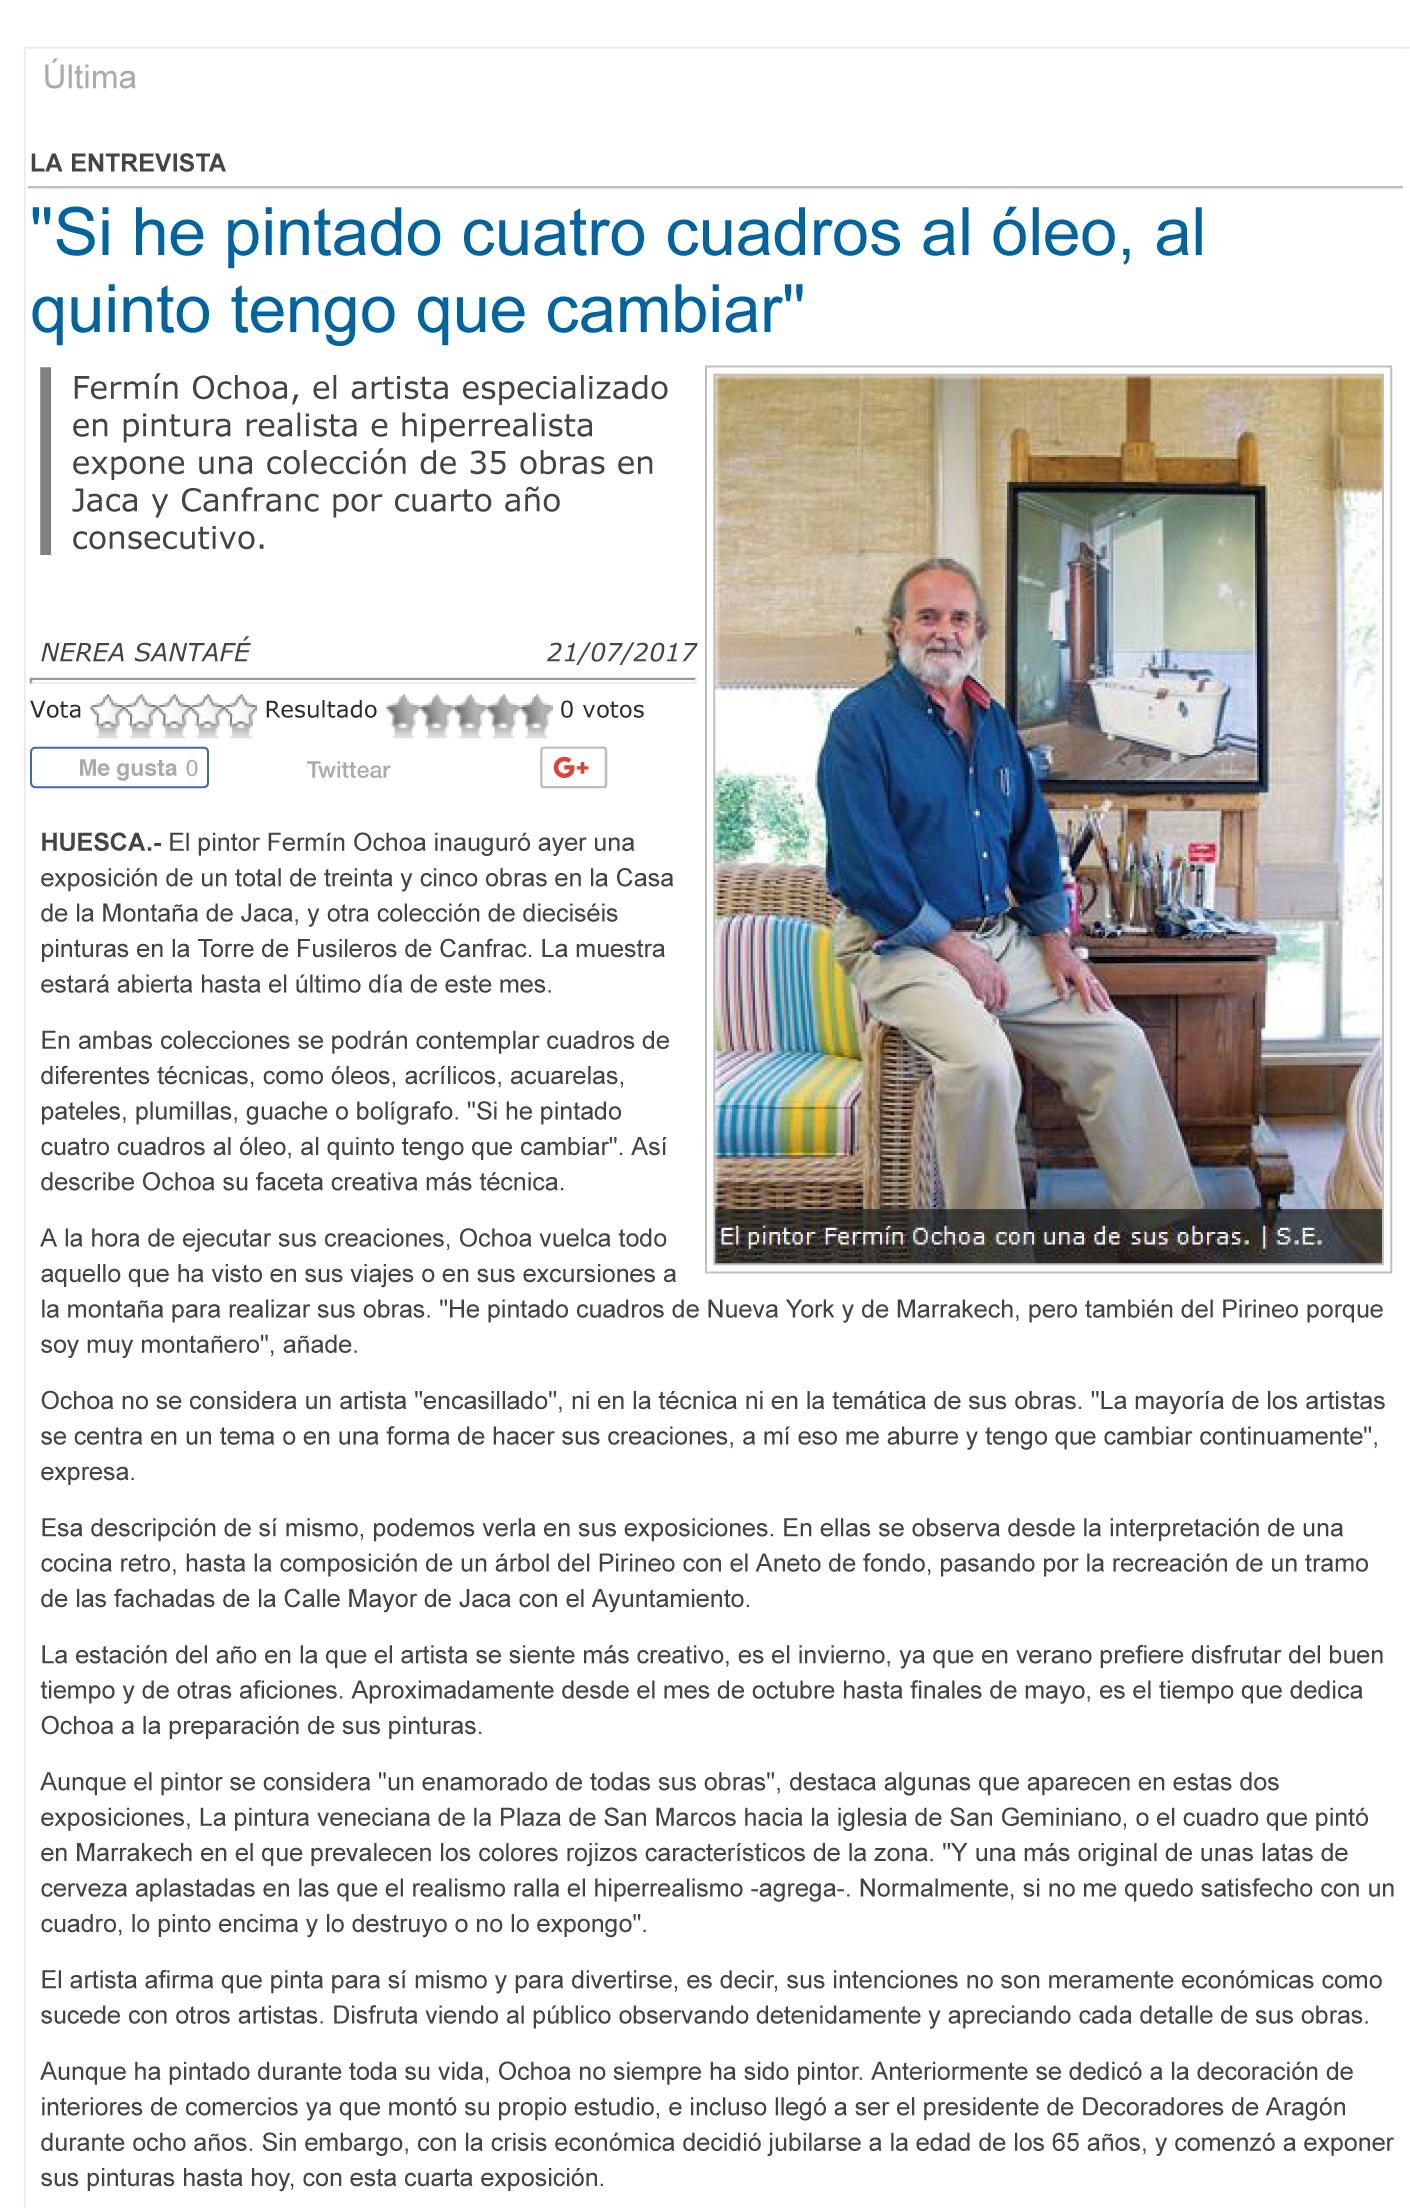 Entrevista en el Diario del Altoaragón